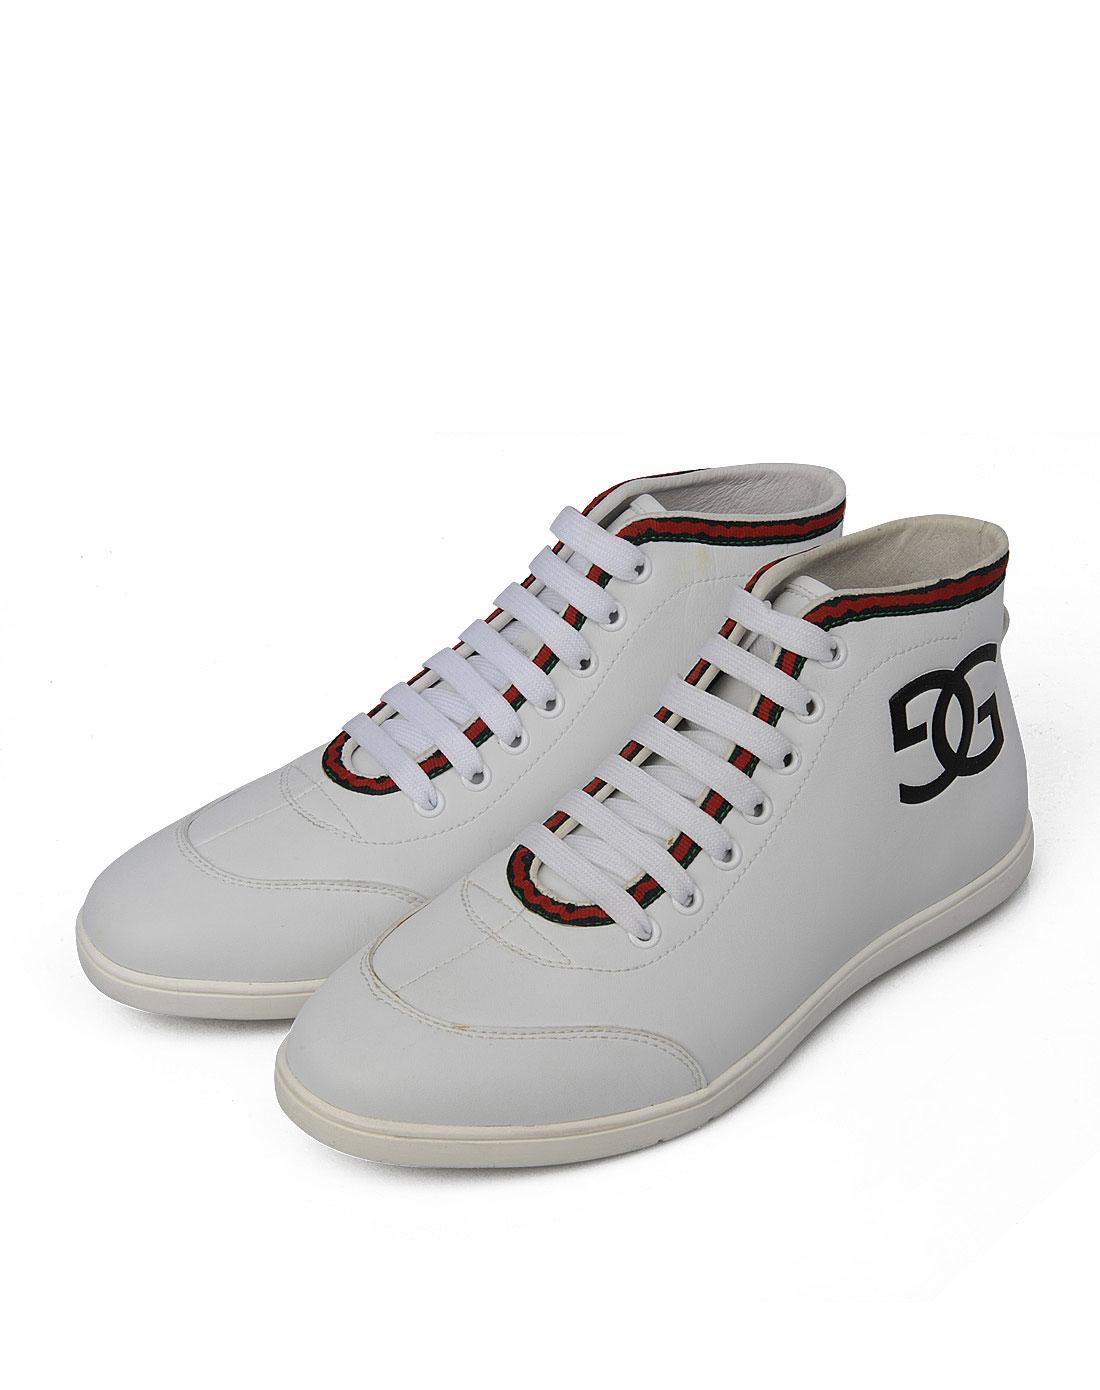 款白色休闲皮鞋